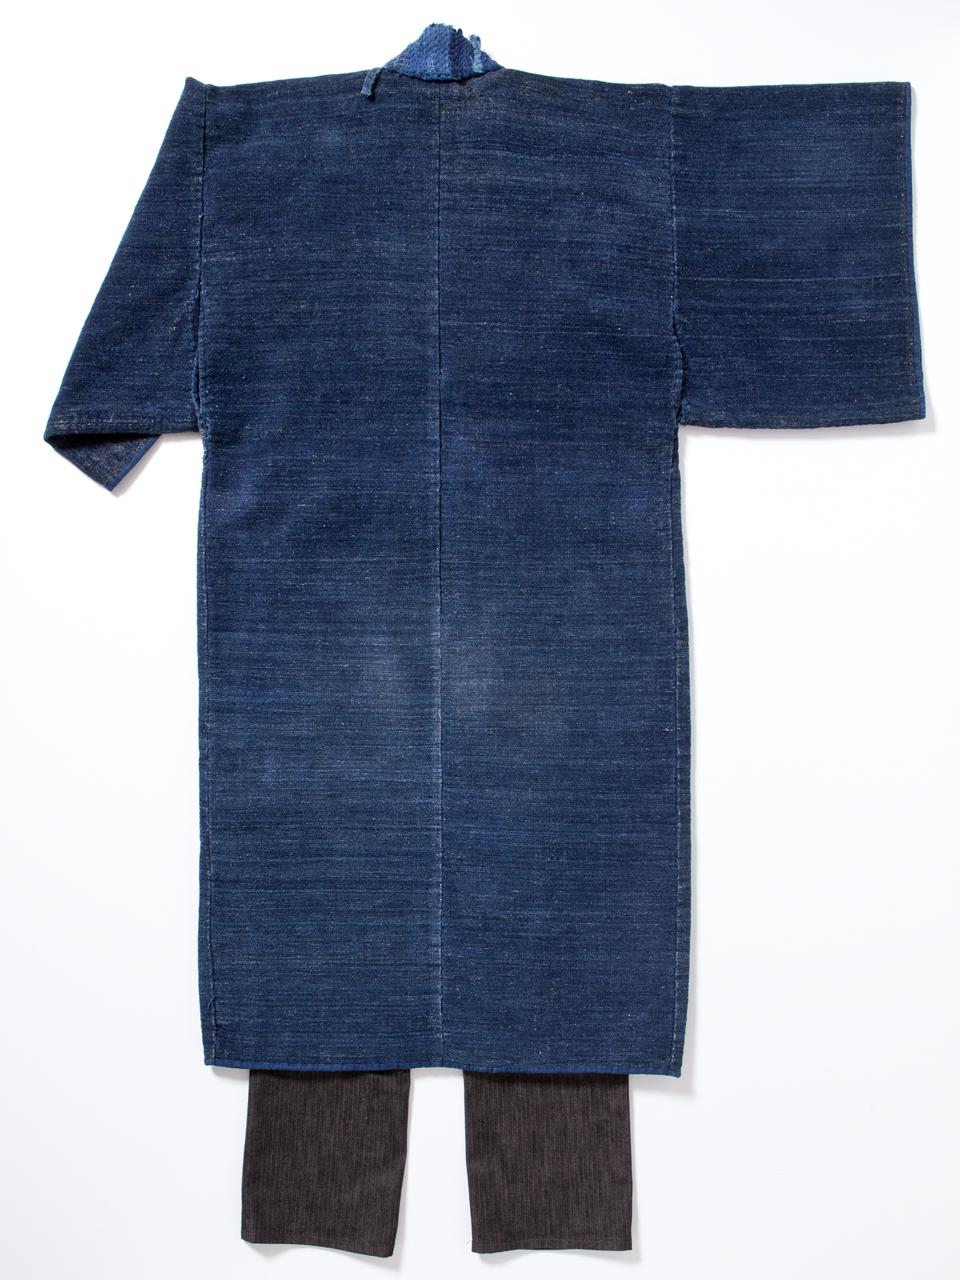 3月28日付「日経MJ」TRENDBOXコーナーに当店の着物リメイク日傘が登場